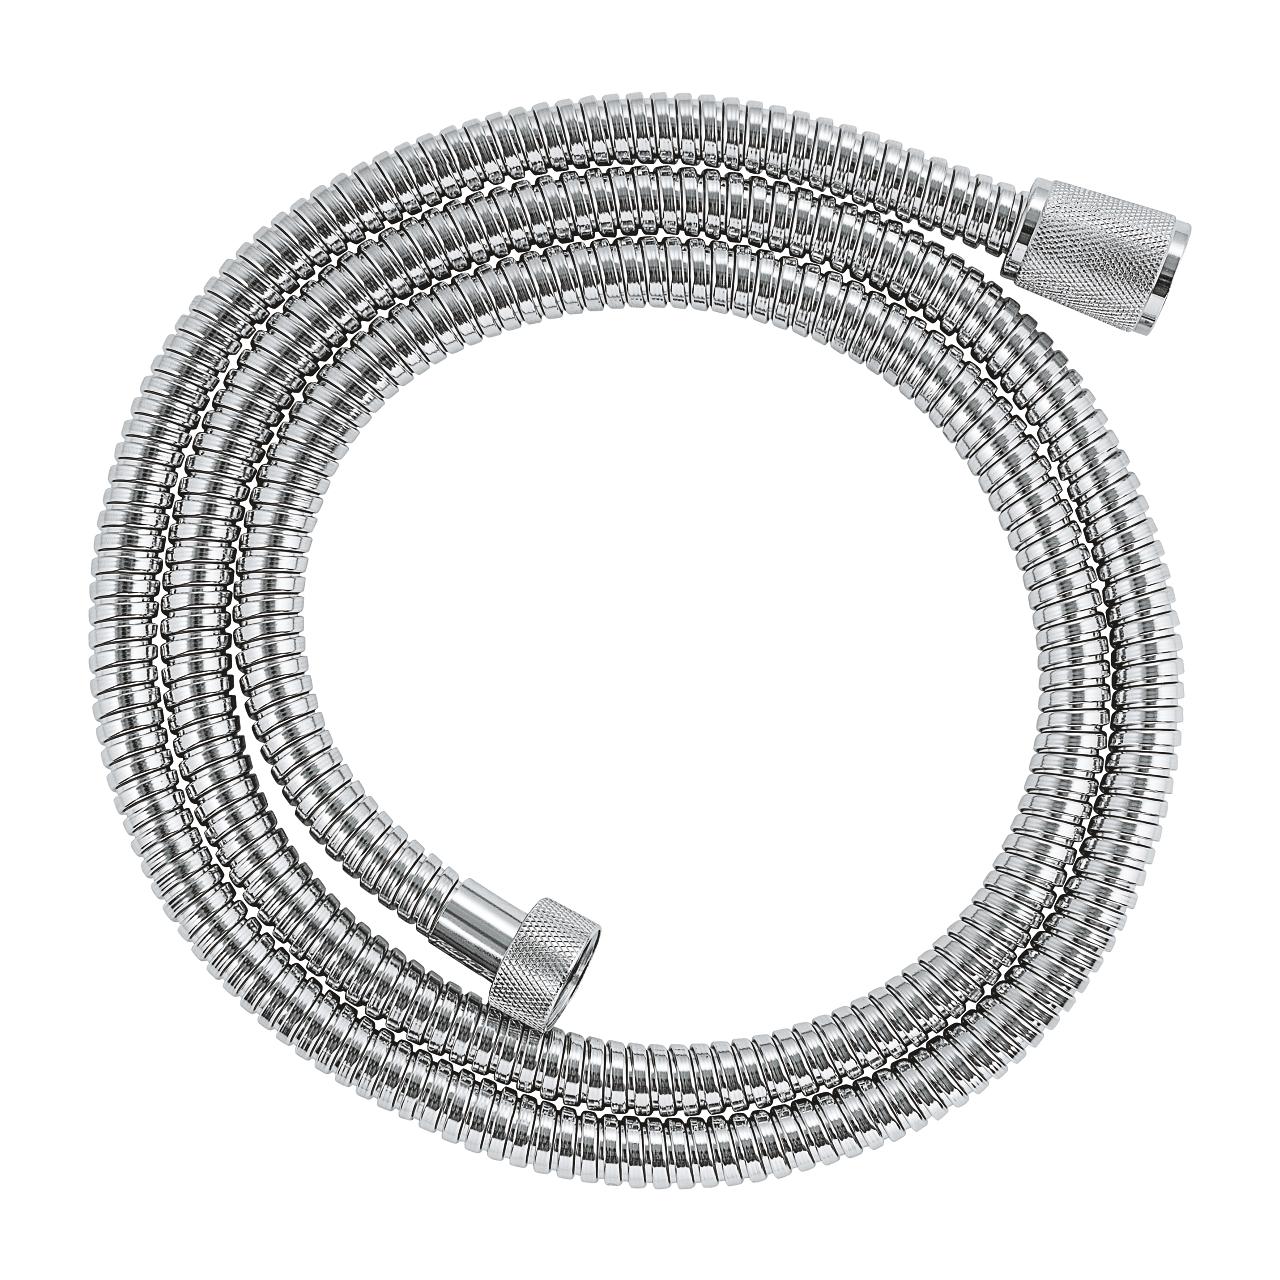 Hadice sprchová kovová Grohe REFLEXAFLEX METAL 150 cm chrom